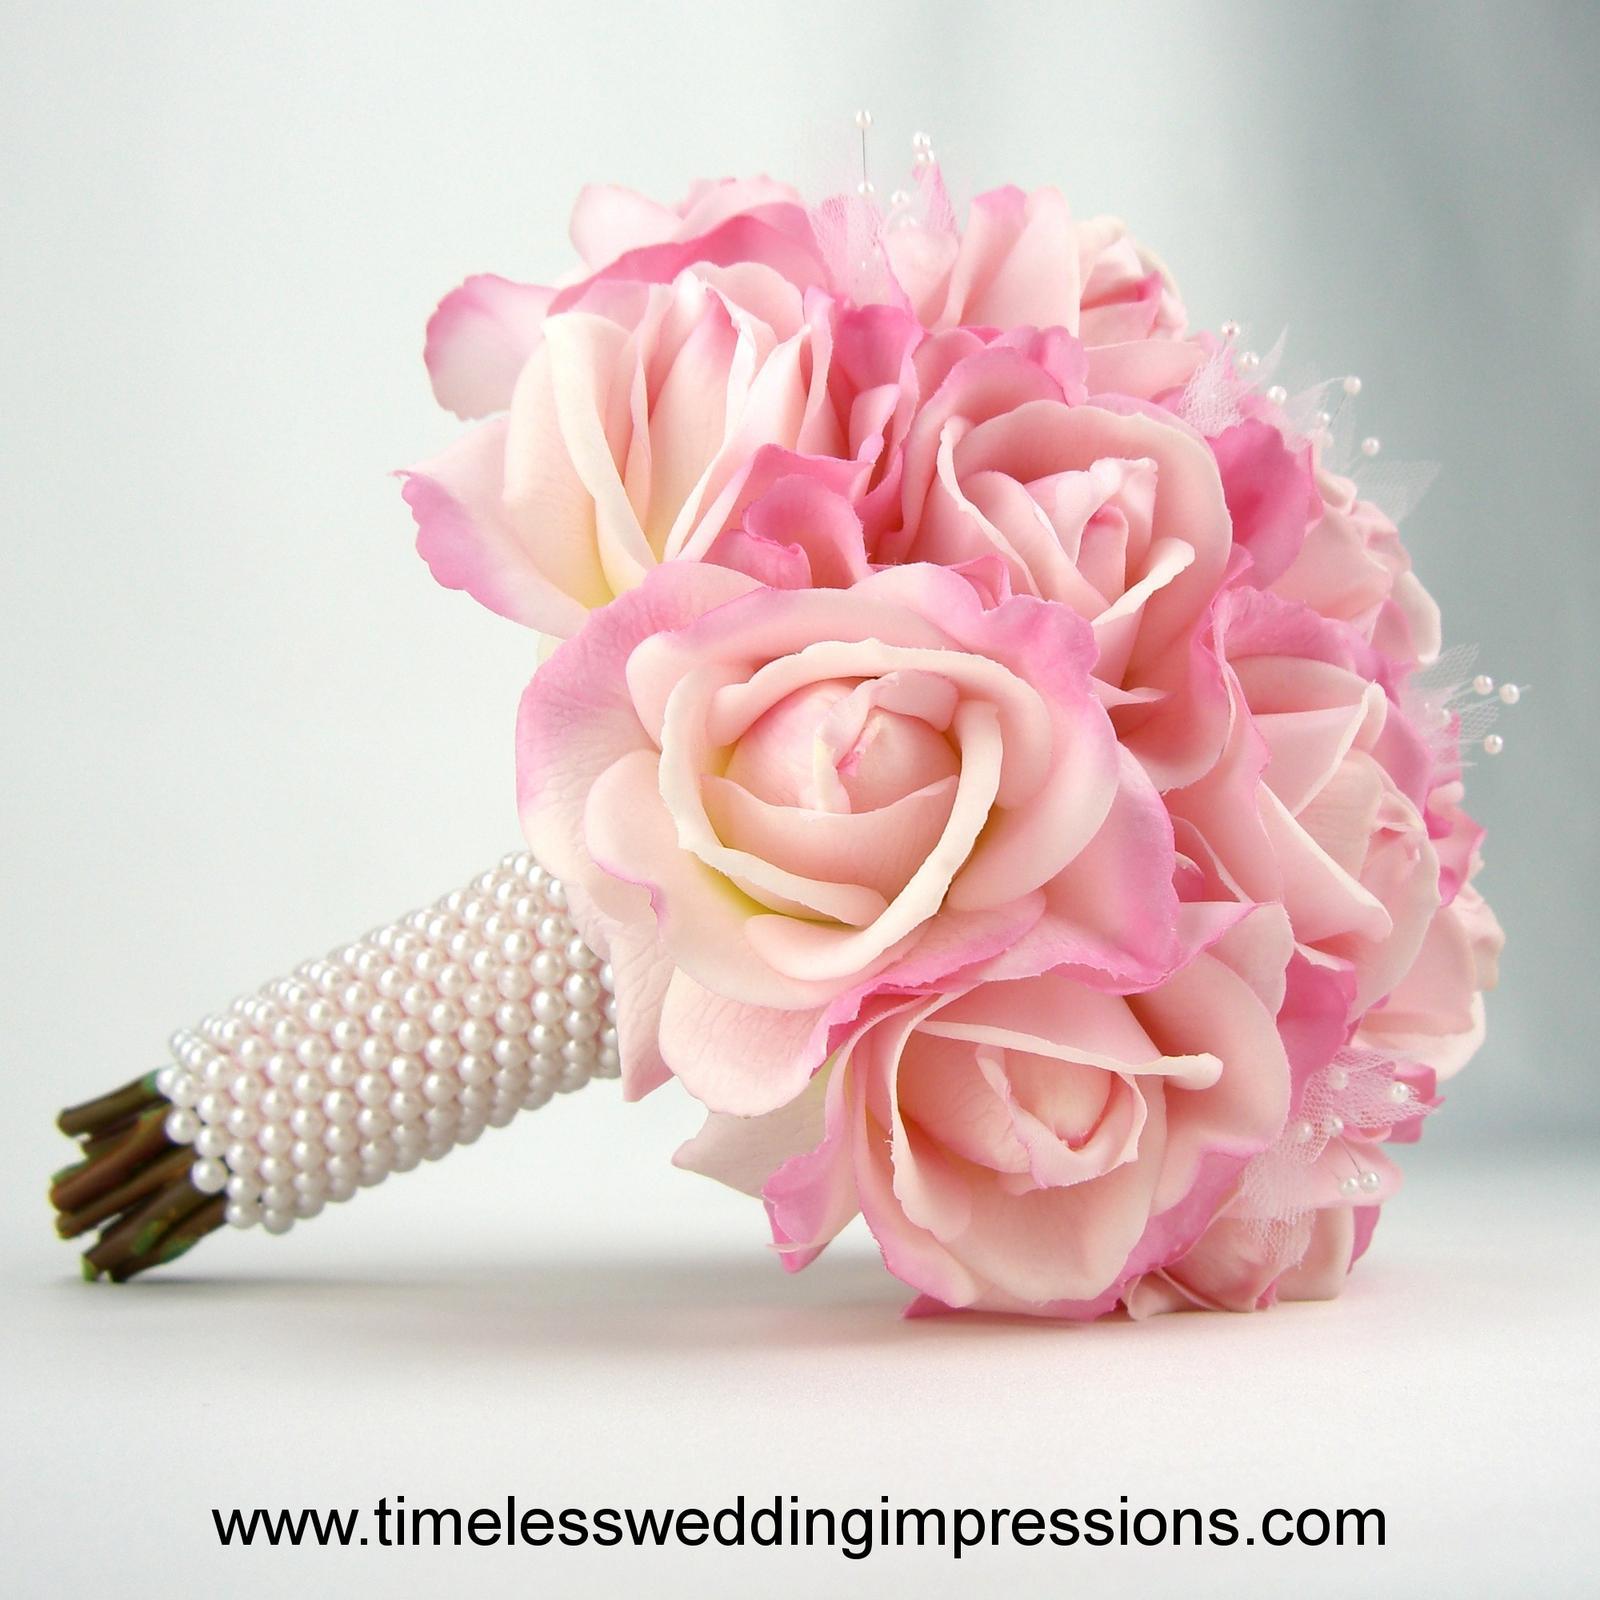 Ružové kytice inšpirácie - Obrázok č. 25